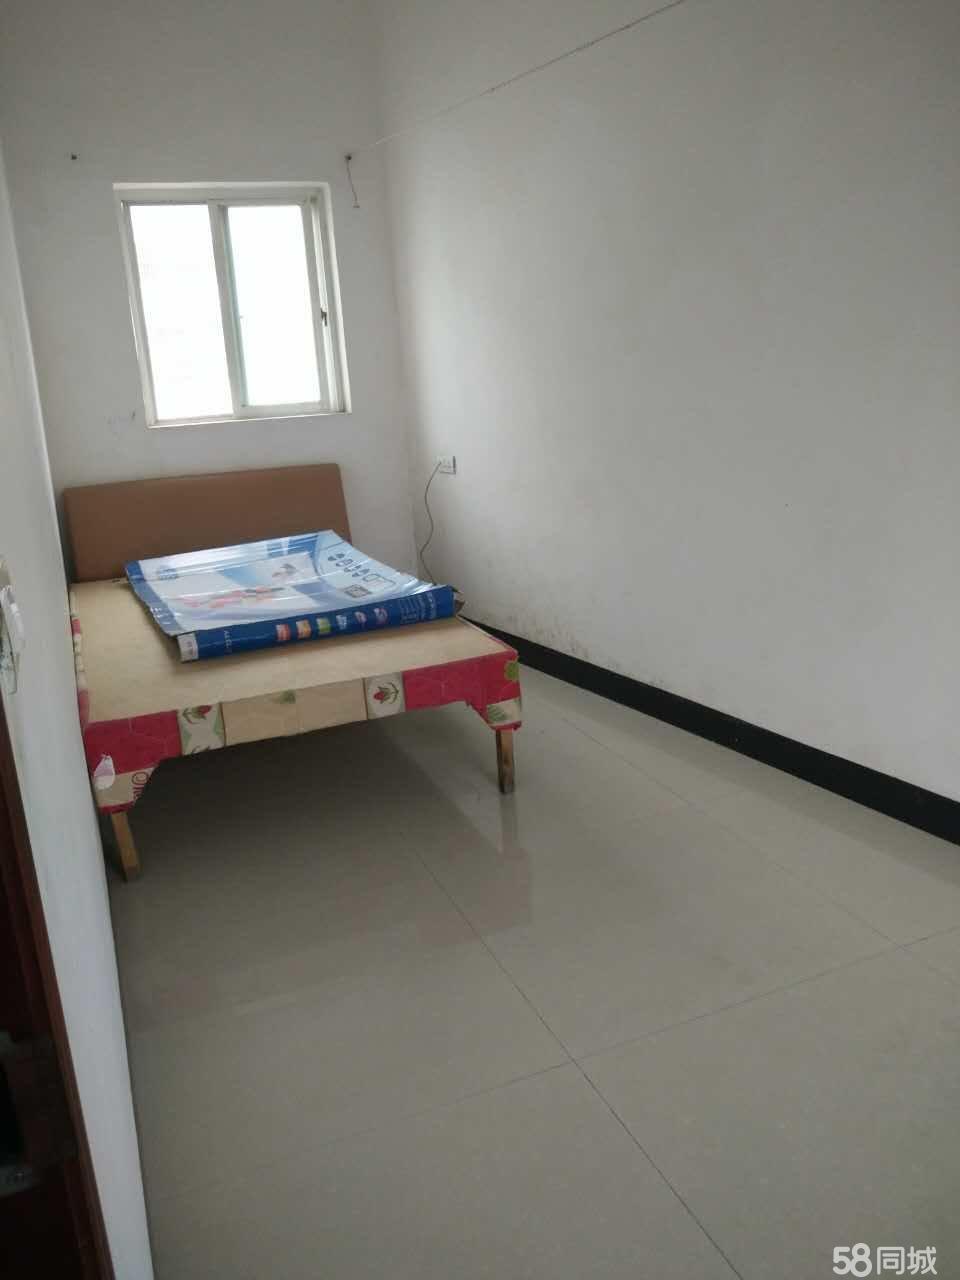 澳门拉斯维加斯娱乐党校对面2室1厅70平米简单装修年付